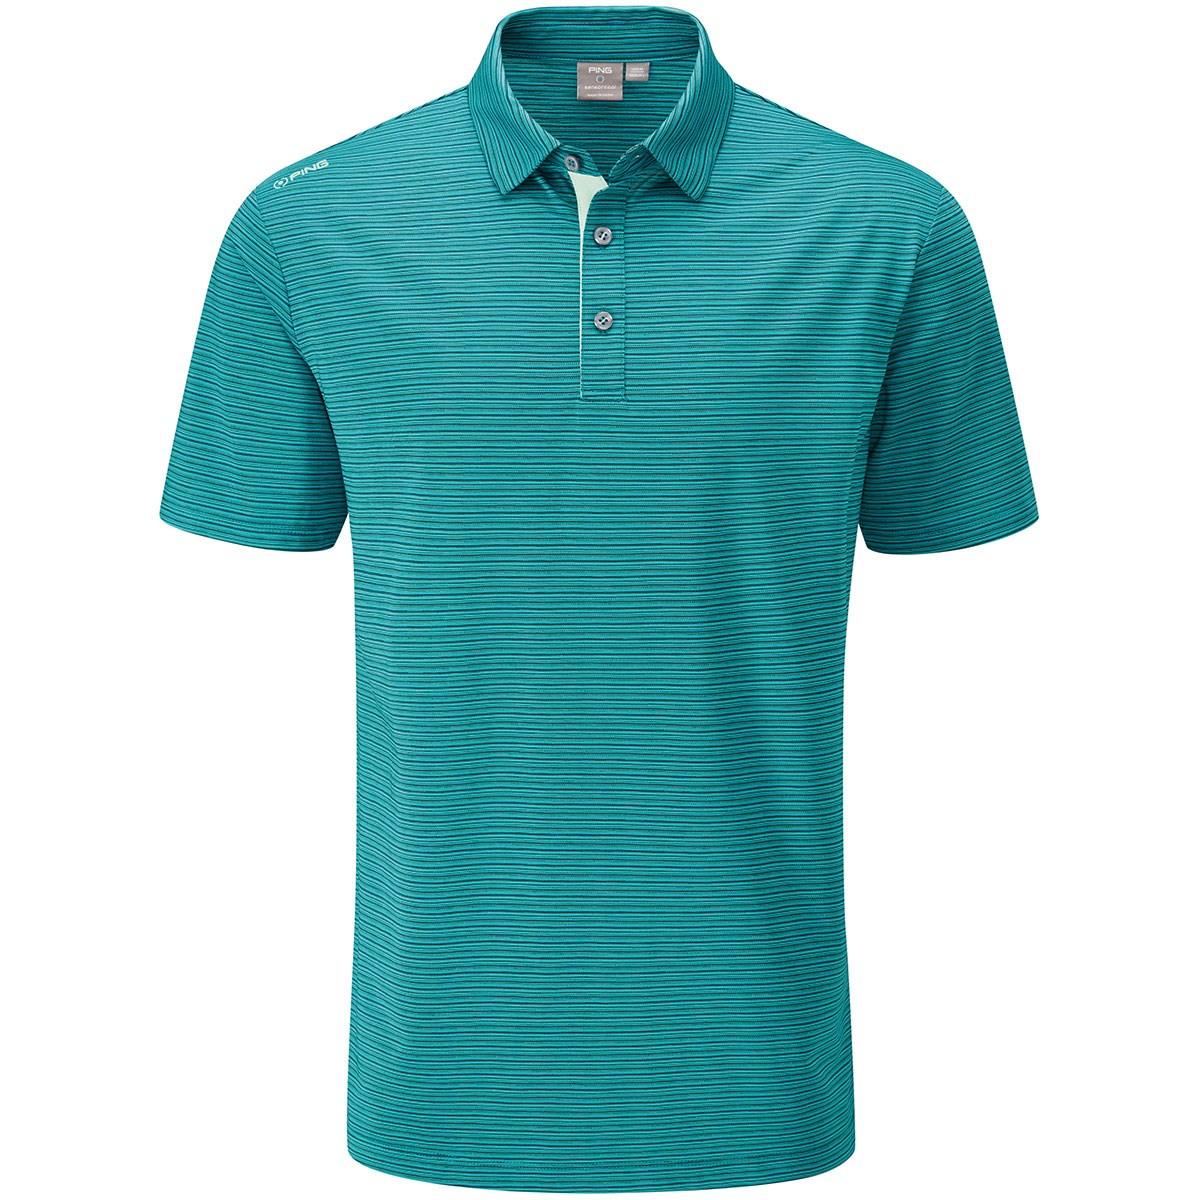 ピン(PING) セス 半袖ポロシャツ